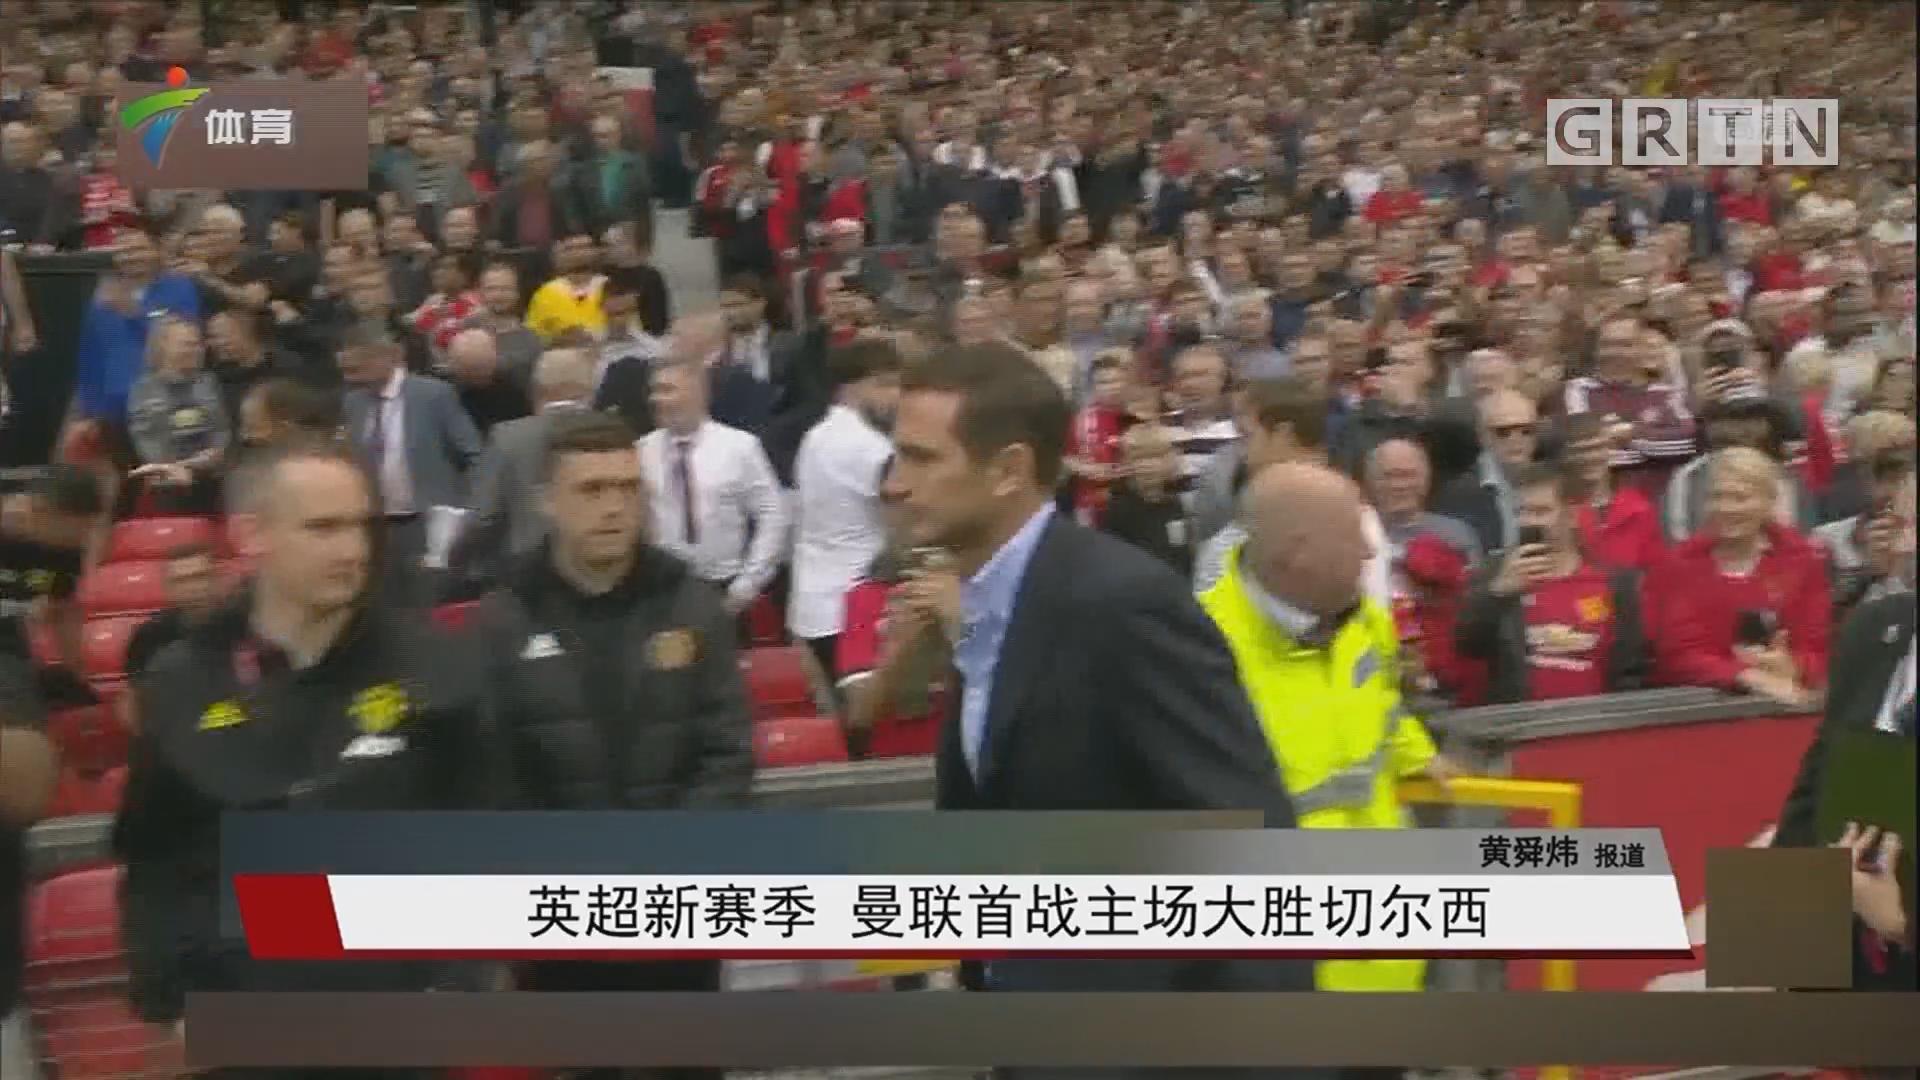 英超新赛季 曼联首战主场大胜切尔西